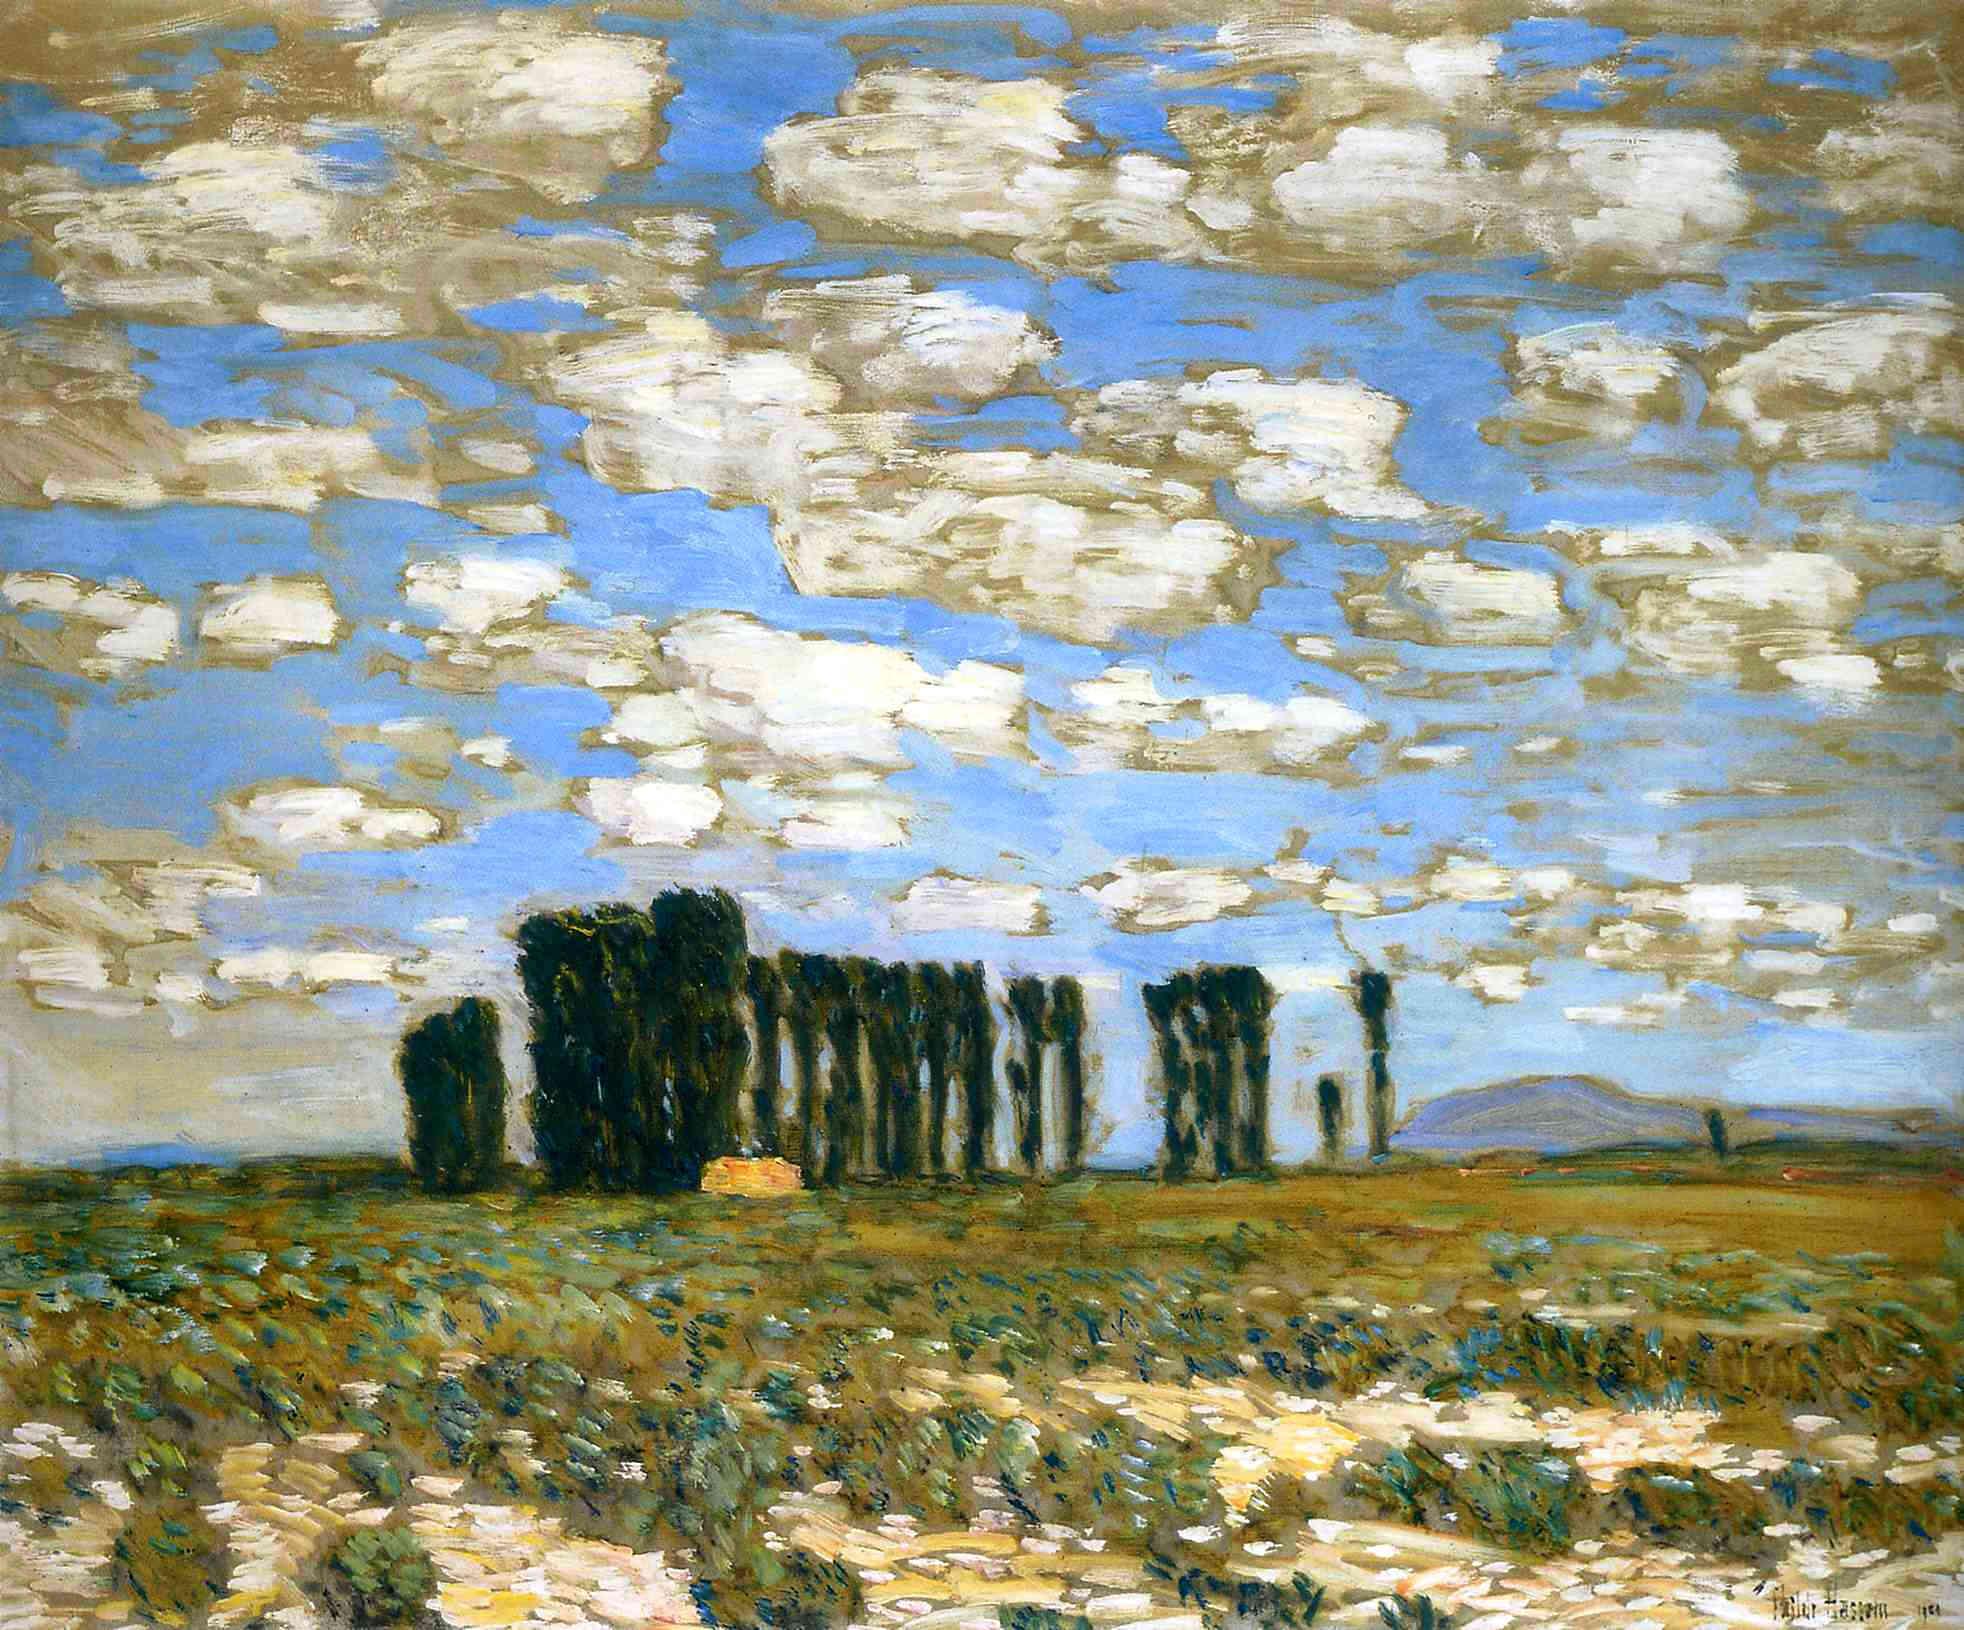 Frederick Childe Hassam, Harney Desert Landscape (1904), Oil On Canvas, 63.5